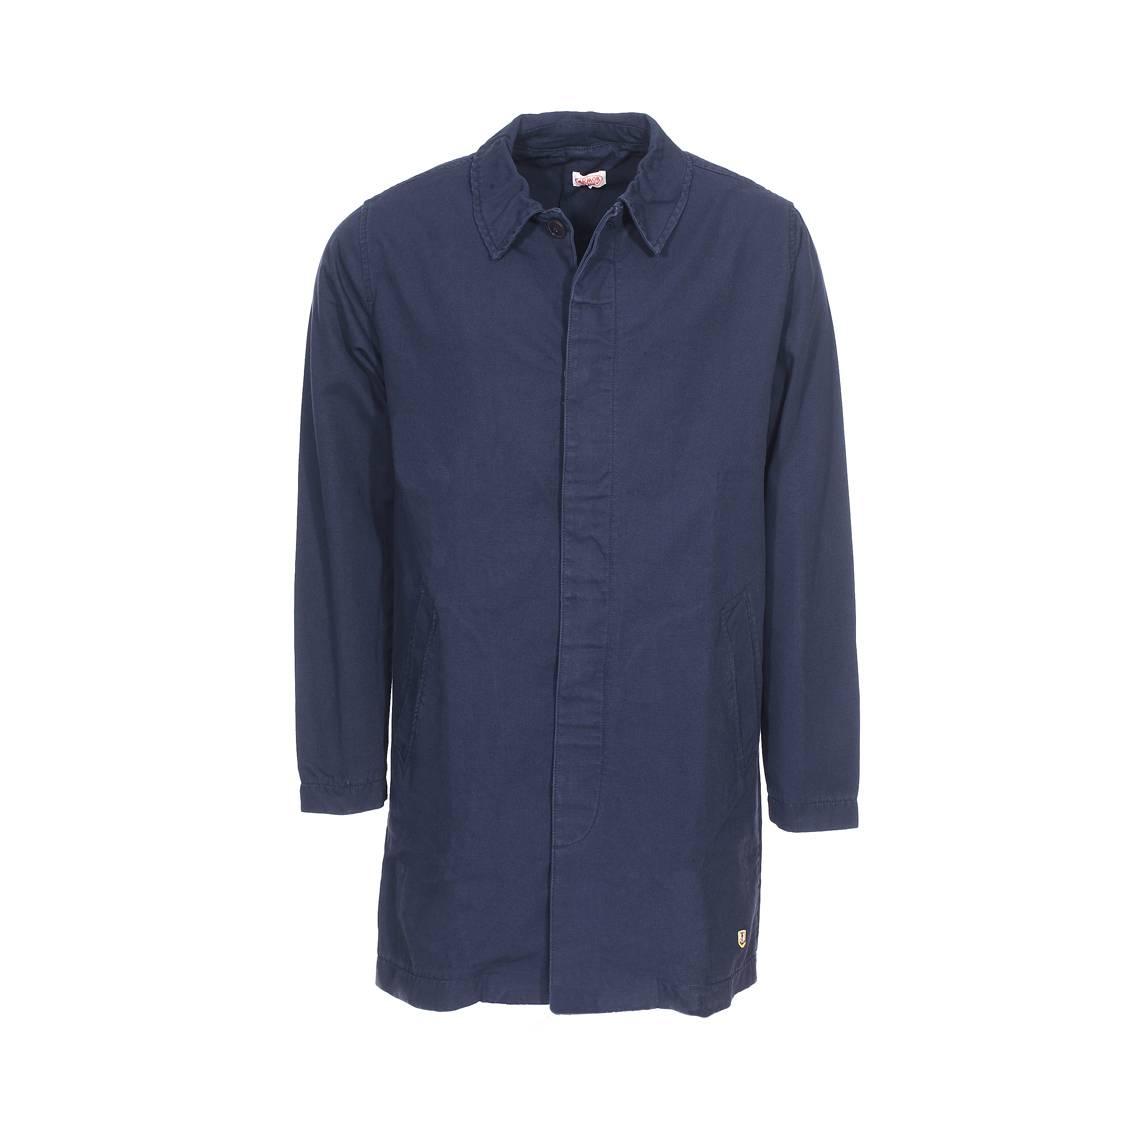 Duffle coat Homme, Manteaux   blousons Homme, Tous les vêtements de ... 4d7a8c5854f